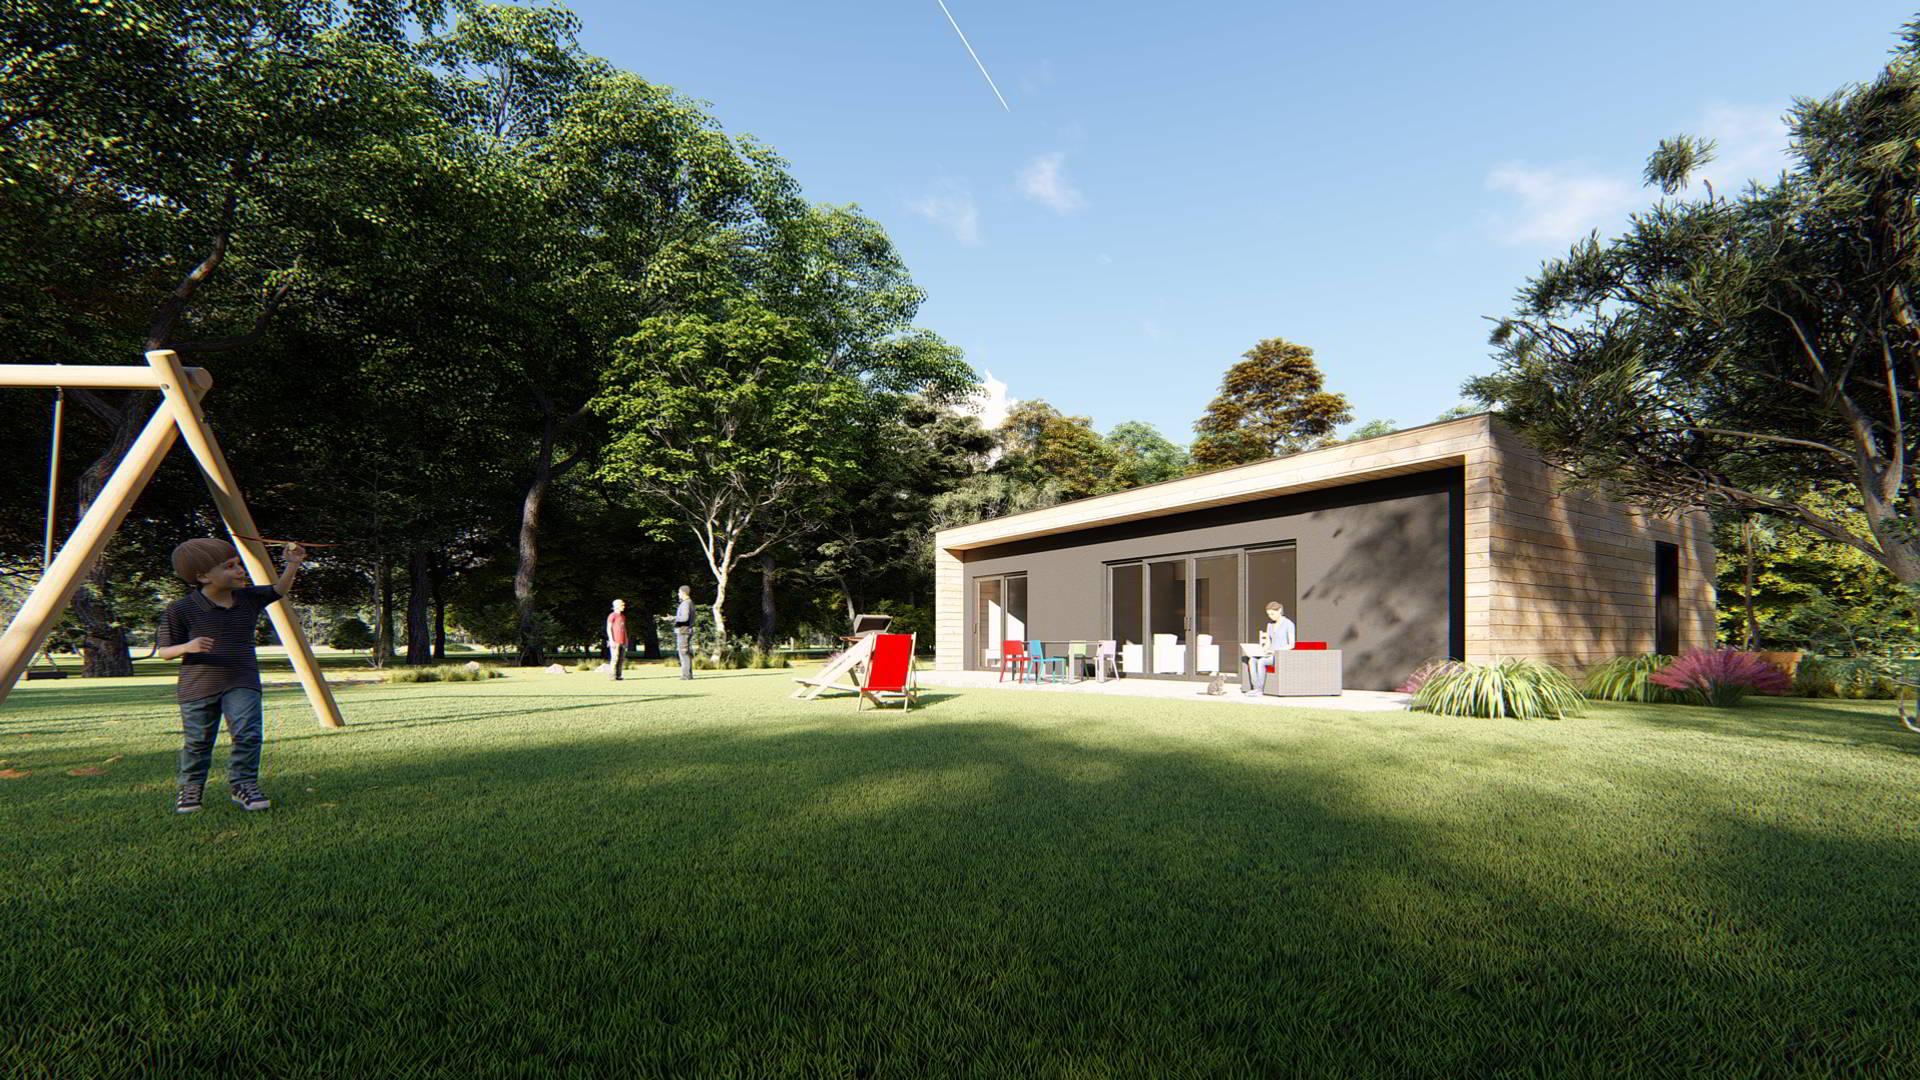 Maison bois pas chere - Autoconstruction : la maison bois en kit préfabriquée